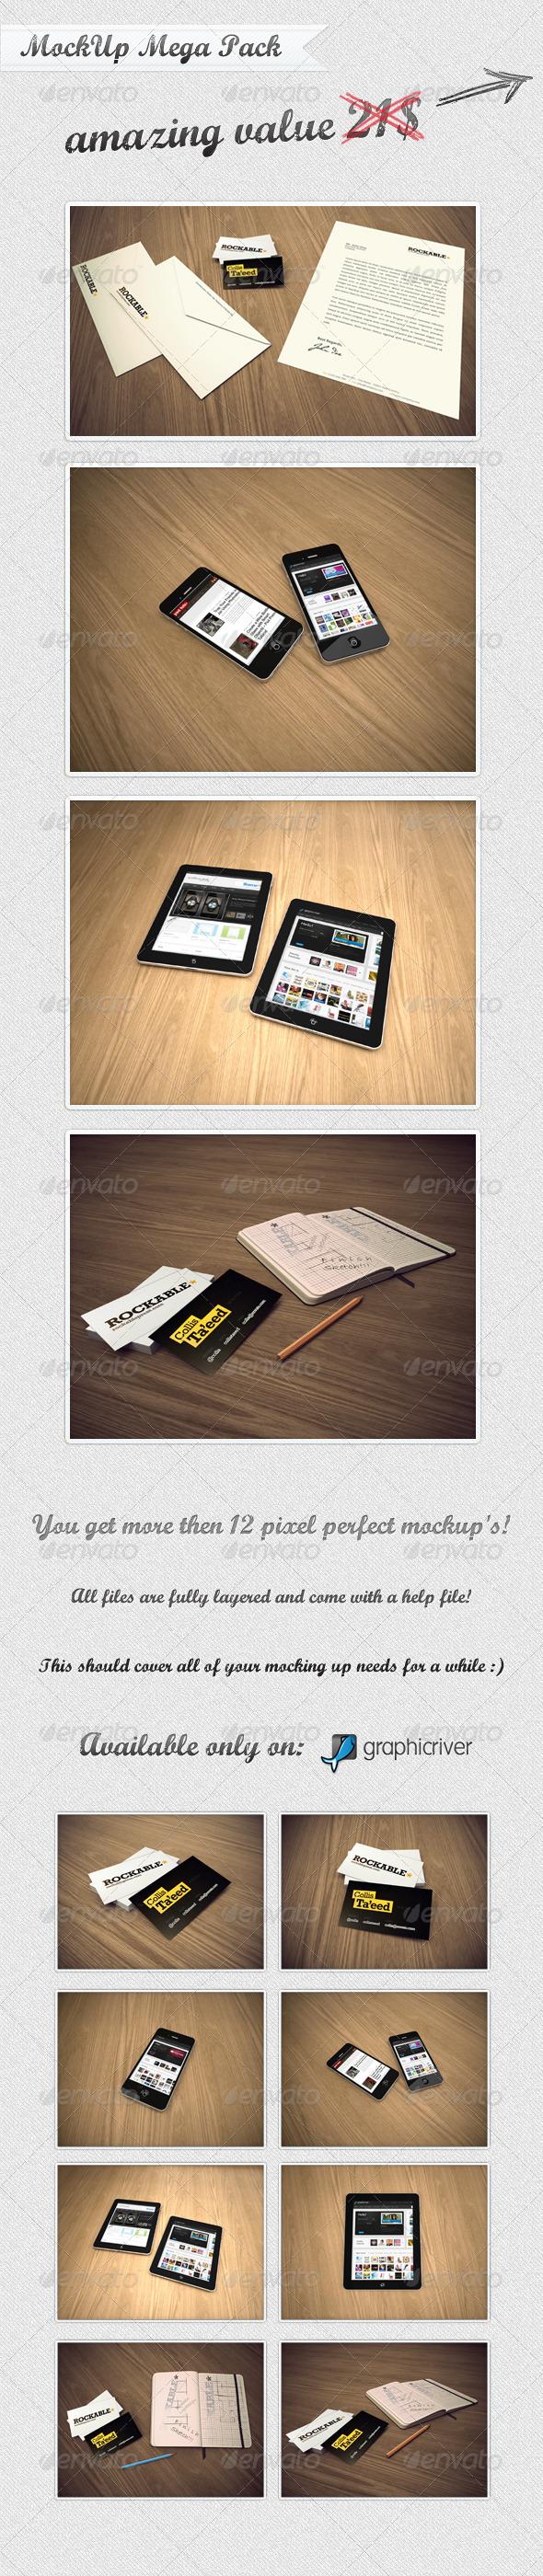 GraphicRiver MockUp Mega Pack 336835